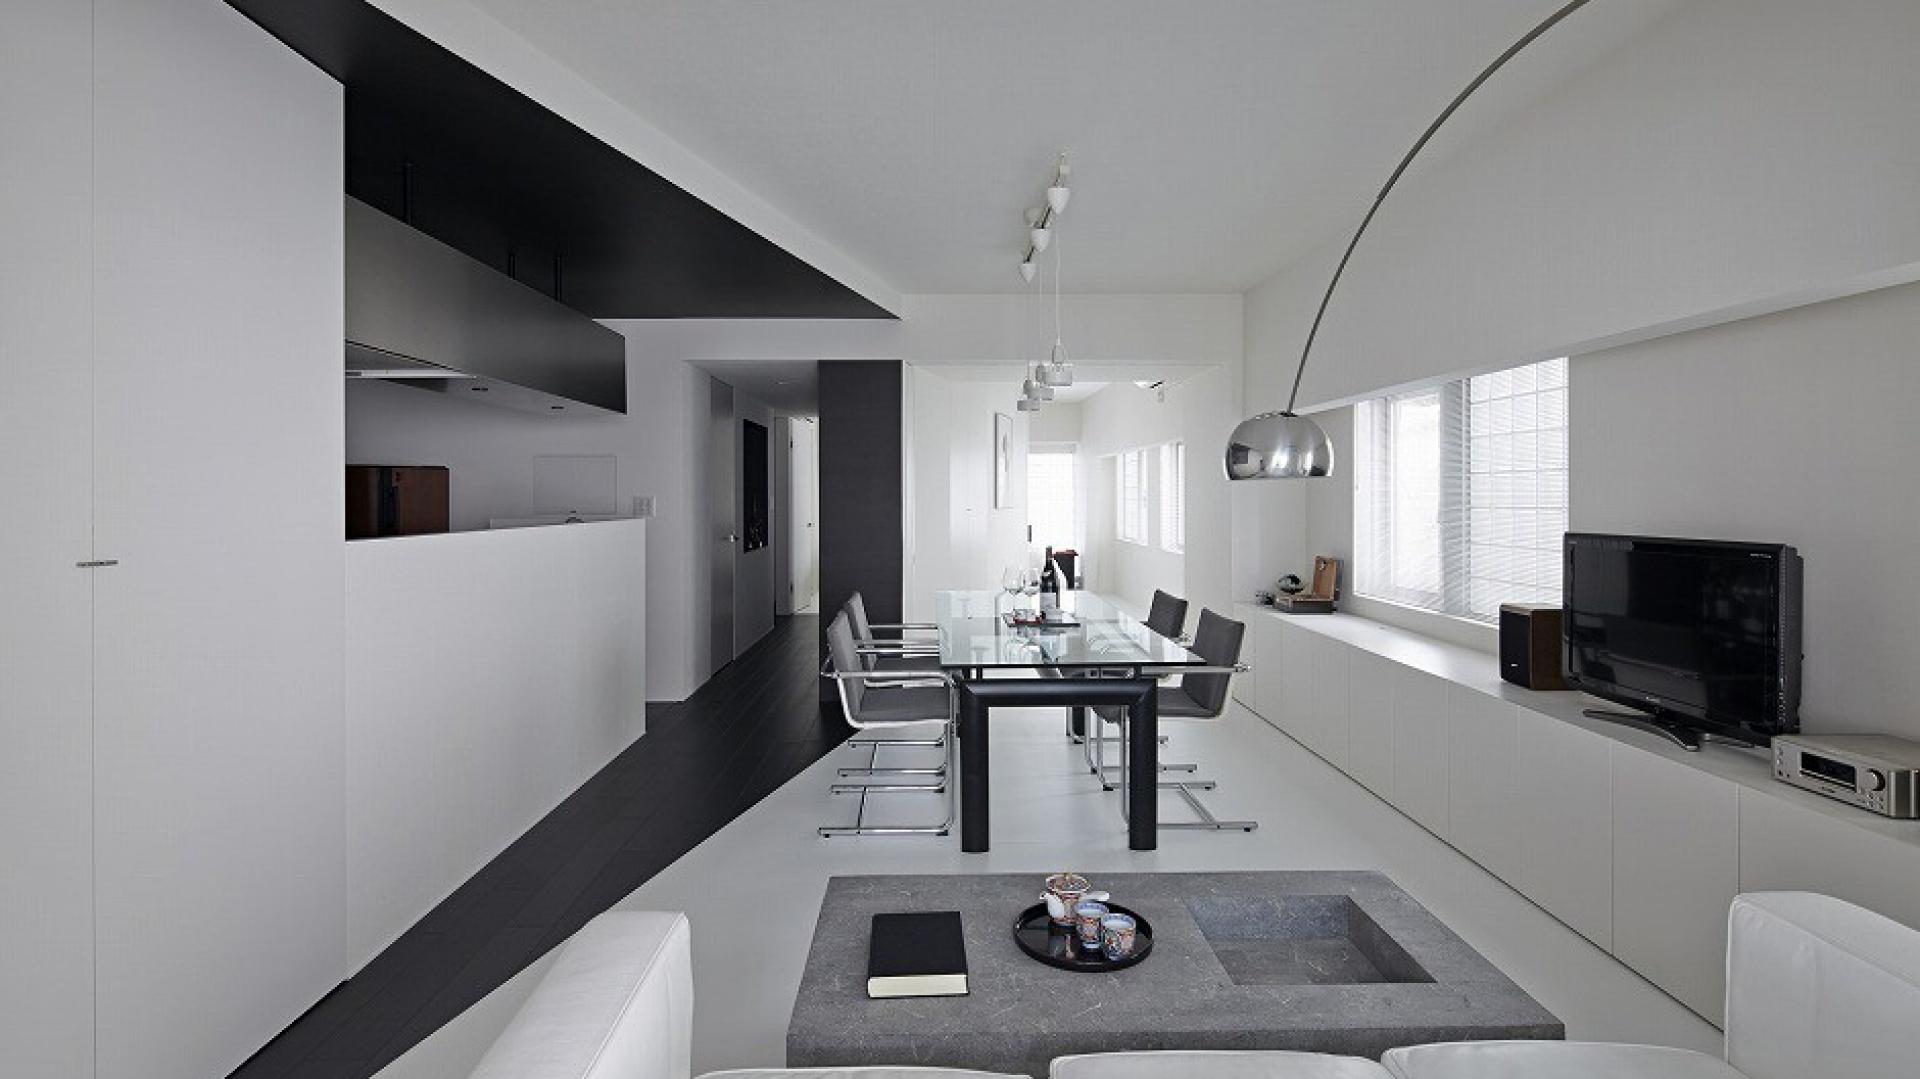 Salon i jadalnia tworzą wspólną otwartą przestrzeń. Fot. Koichi Torimura.